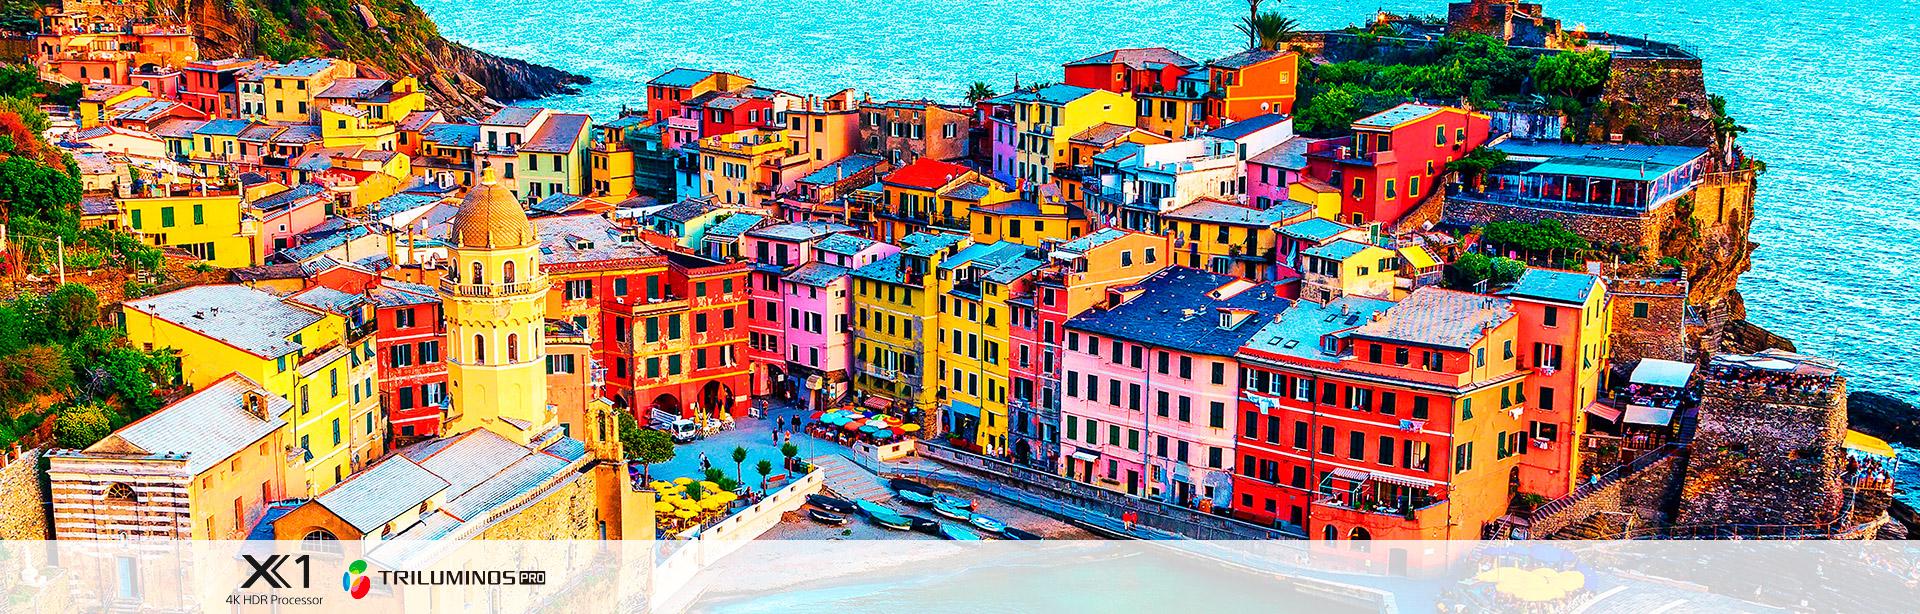 Συγκλονιστικά ρεαλιστικά χρώματα